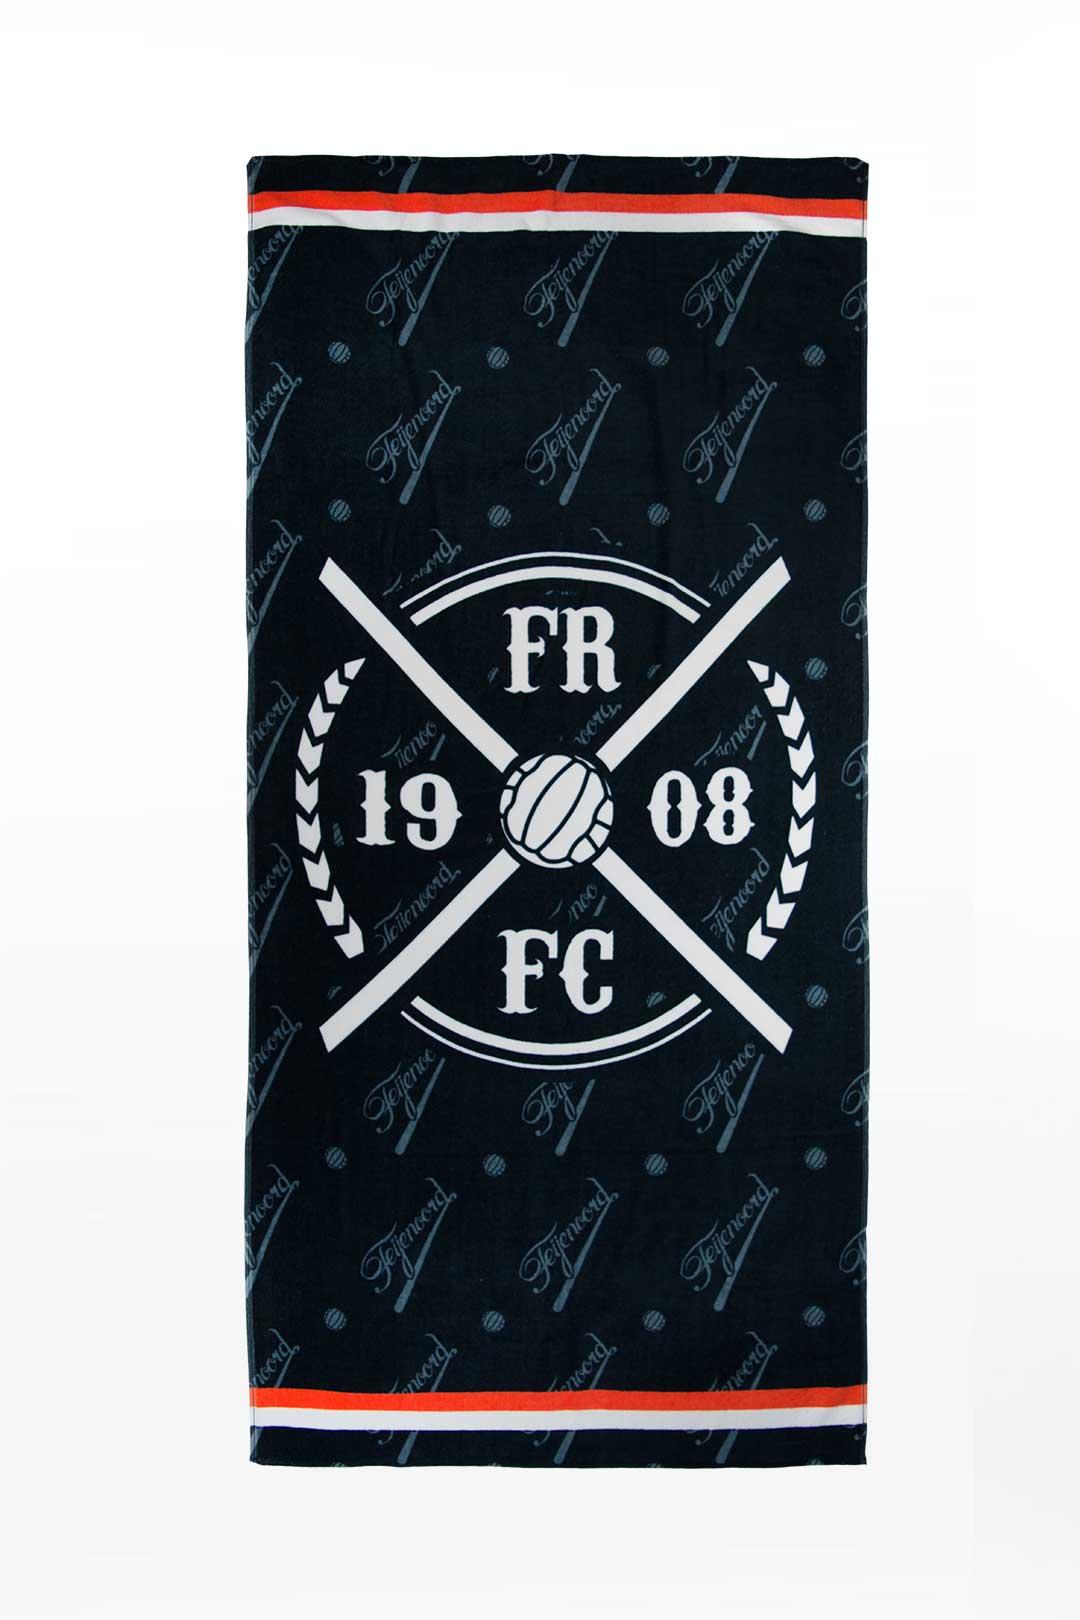 Strandlaken FRFC1908 Kruislogo